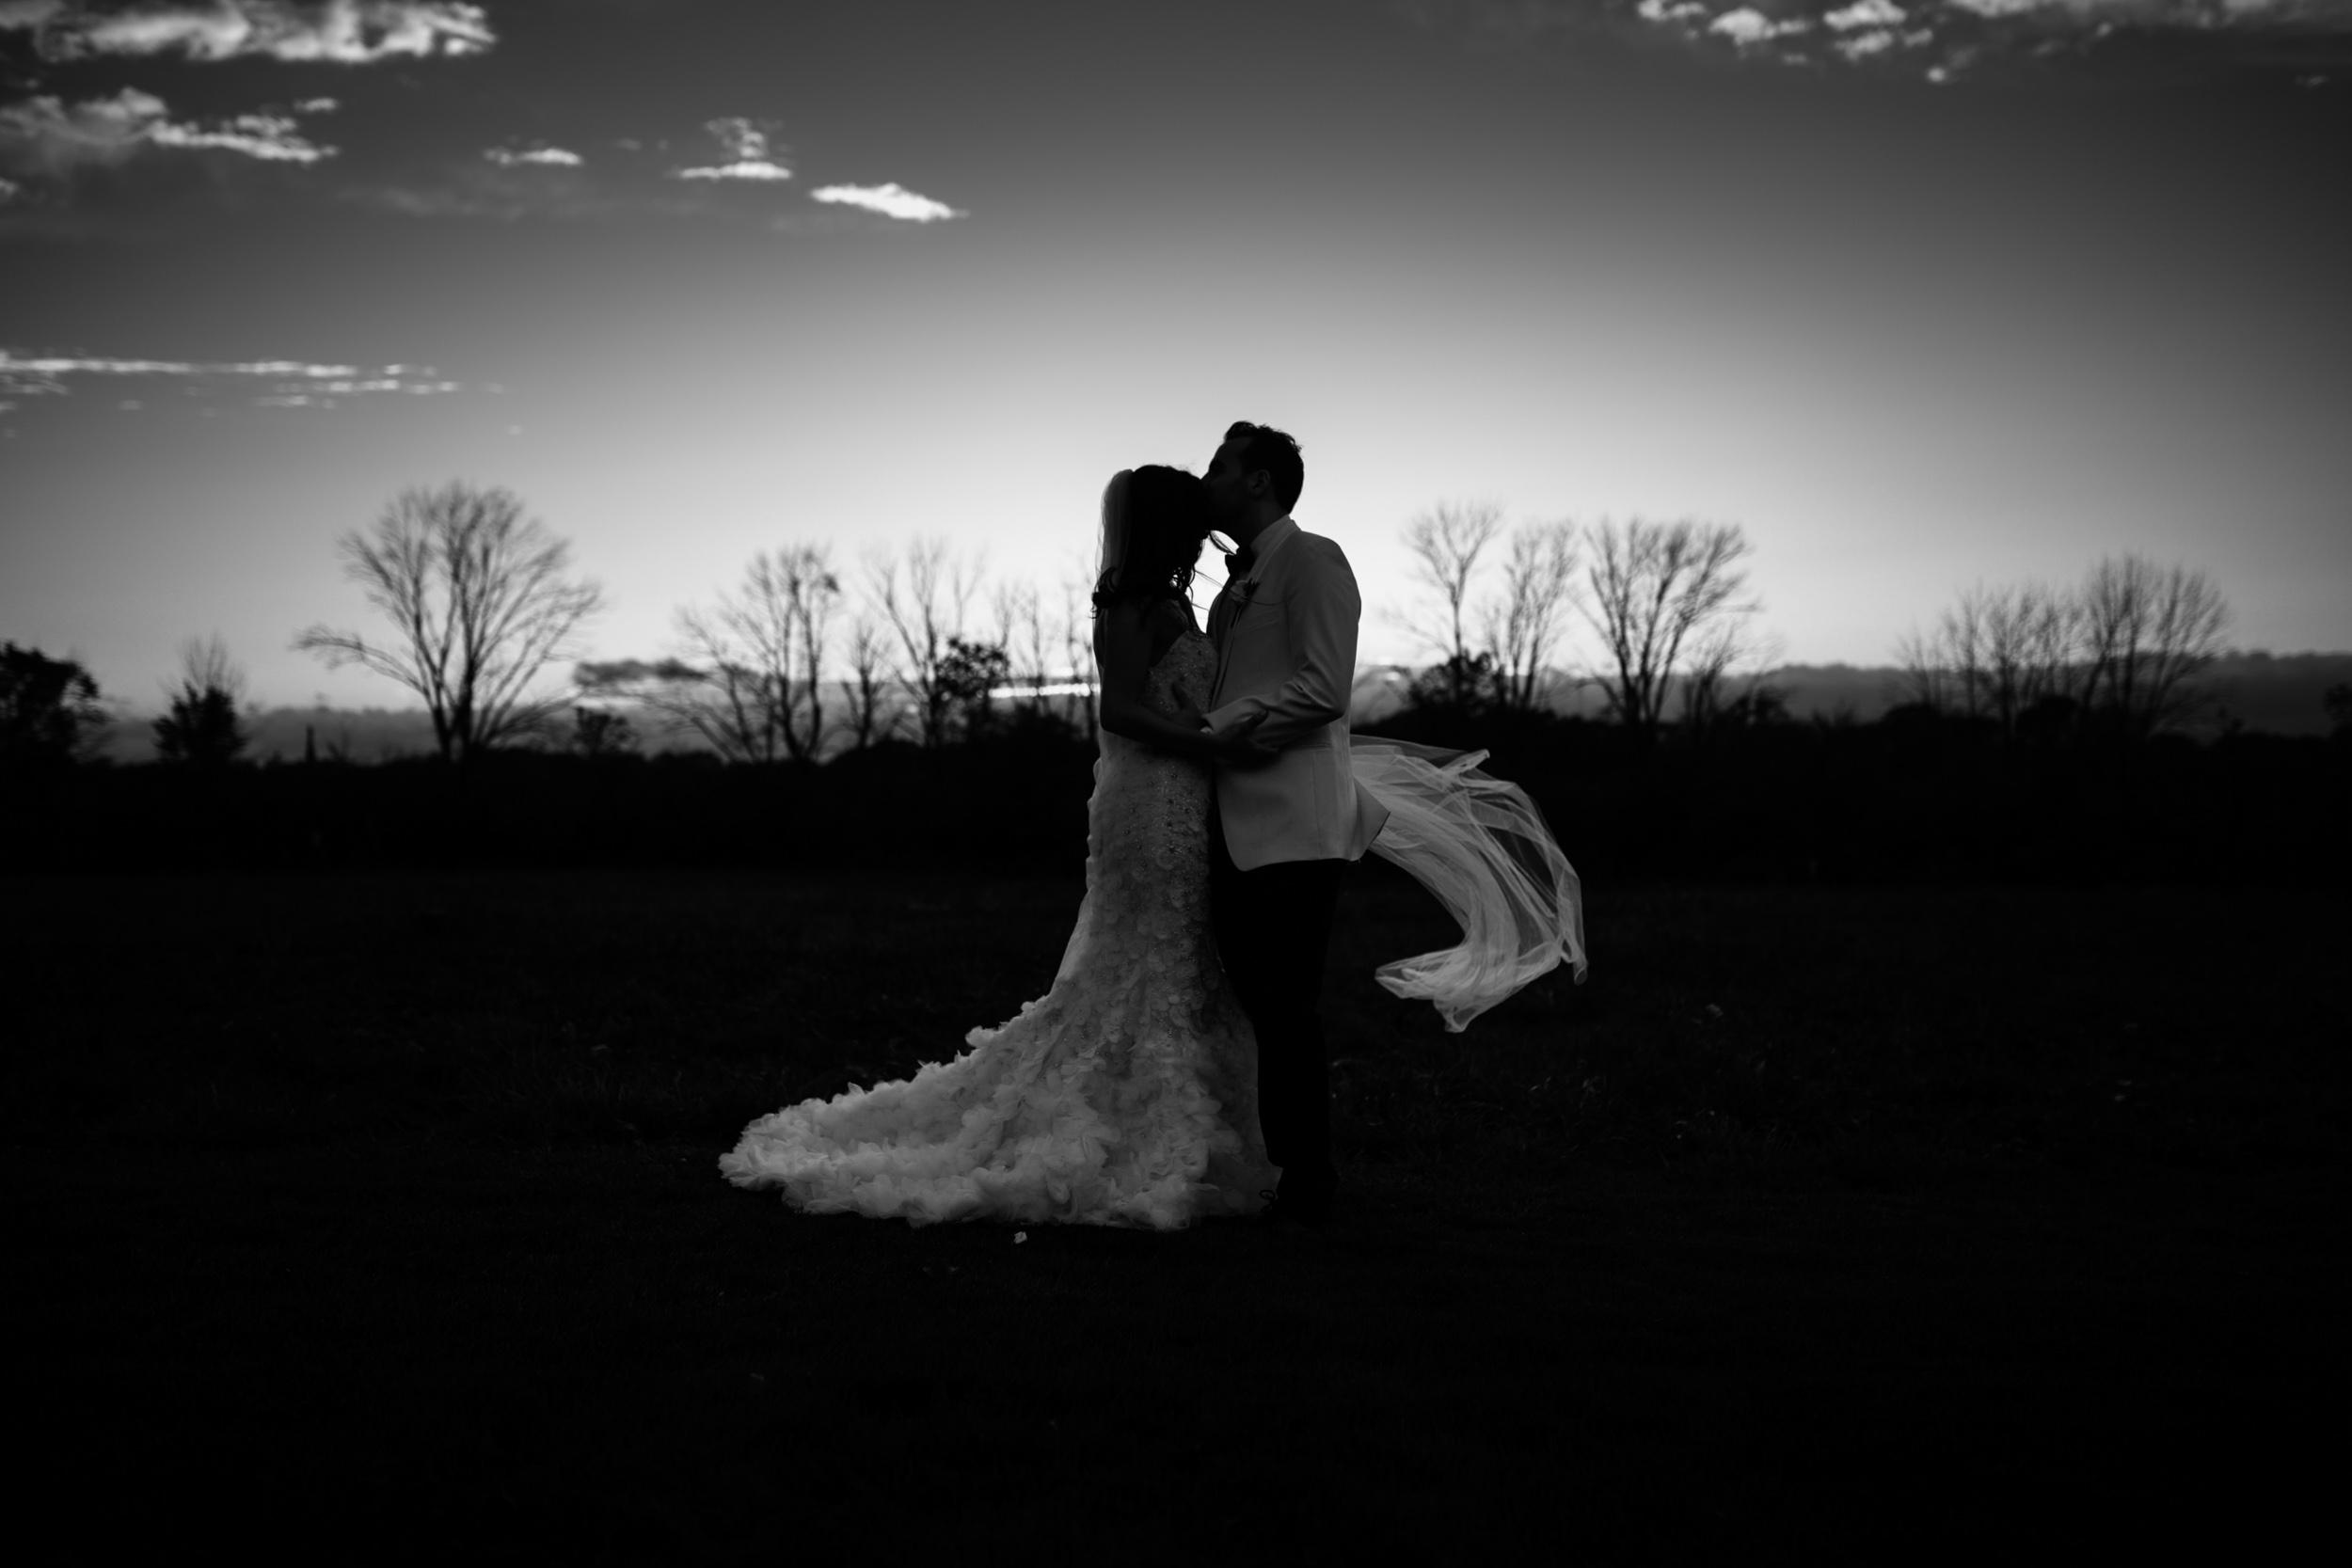 chicago-wedding-photos-studio-this-is-jack-schroeder-64.jpg